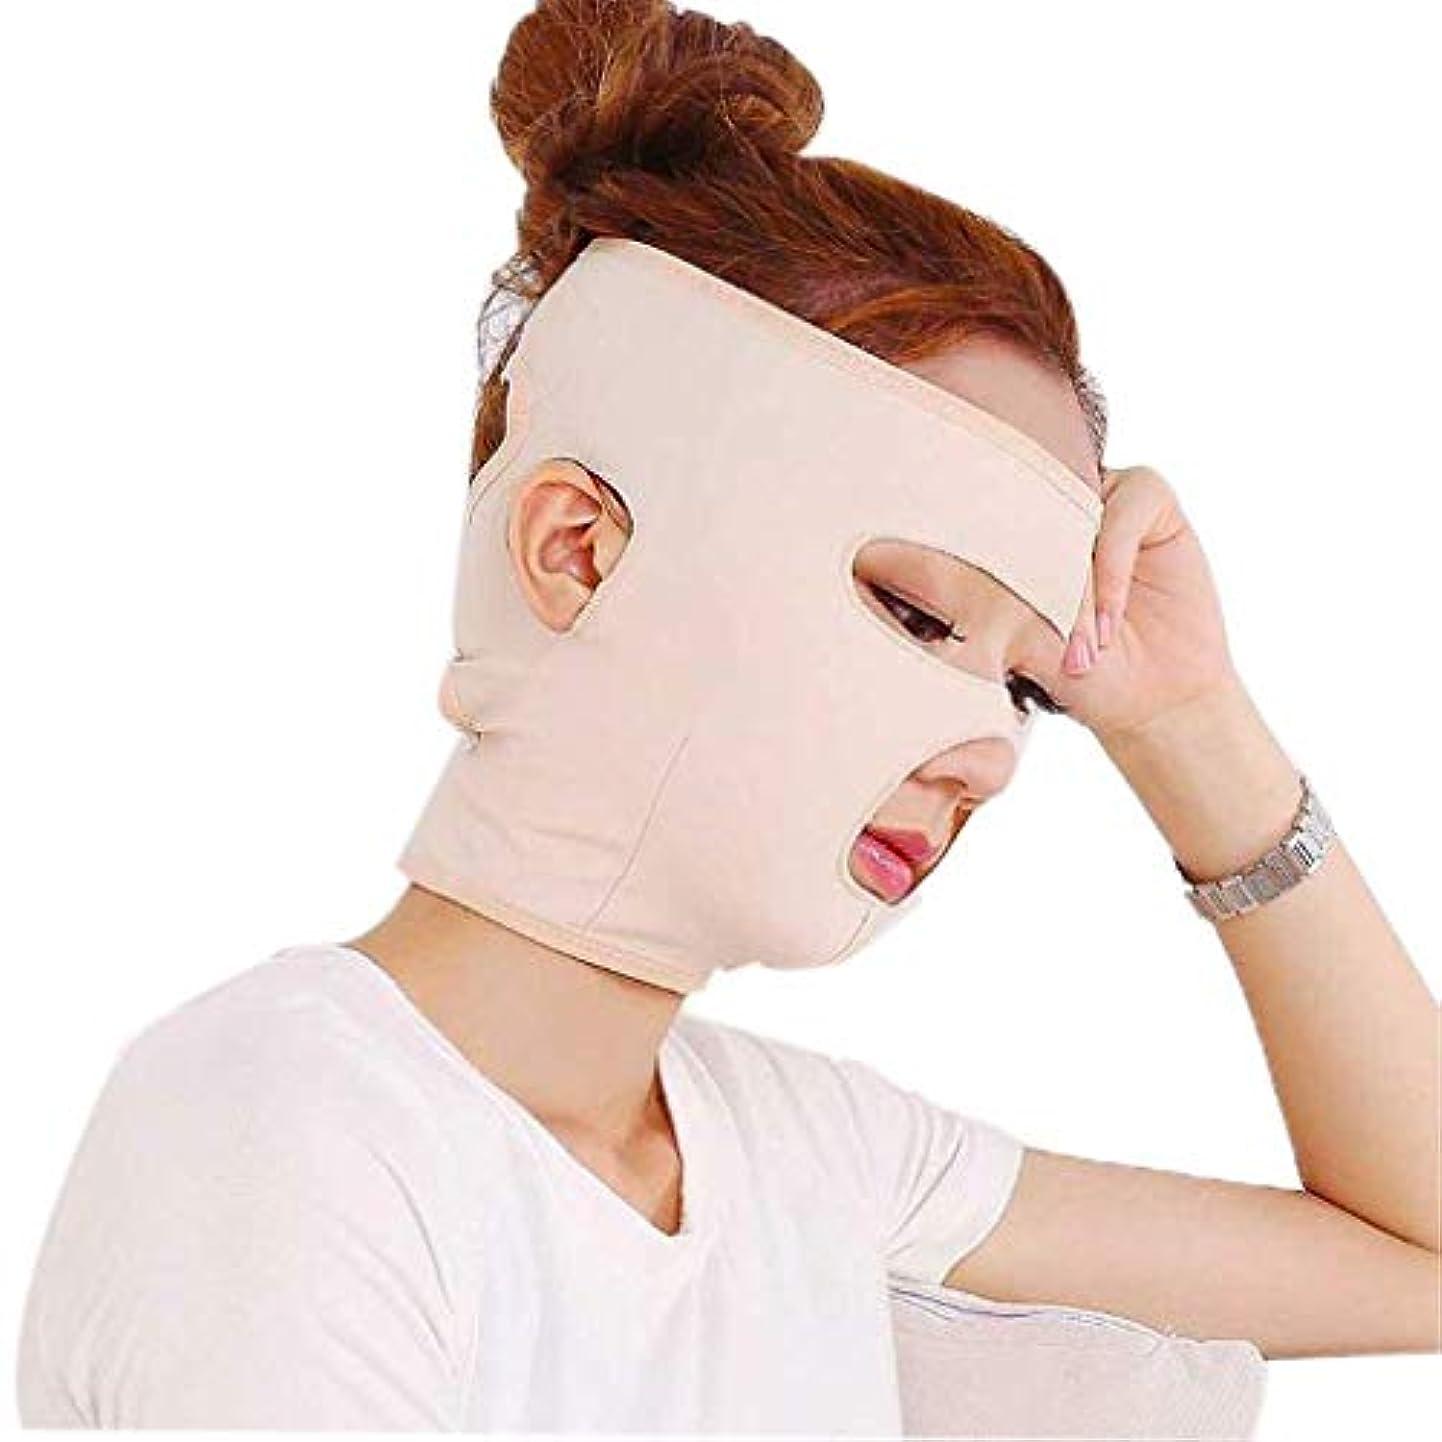 クルーズ社説失態フェイスリフティングマスク、フルフェイス通気性の術後回復包帯リフティング引き締め肌の減少は、小さなVフェイスマスクを作成します(サイズ:M)